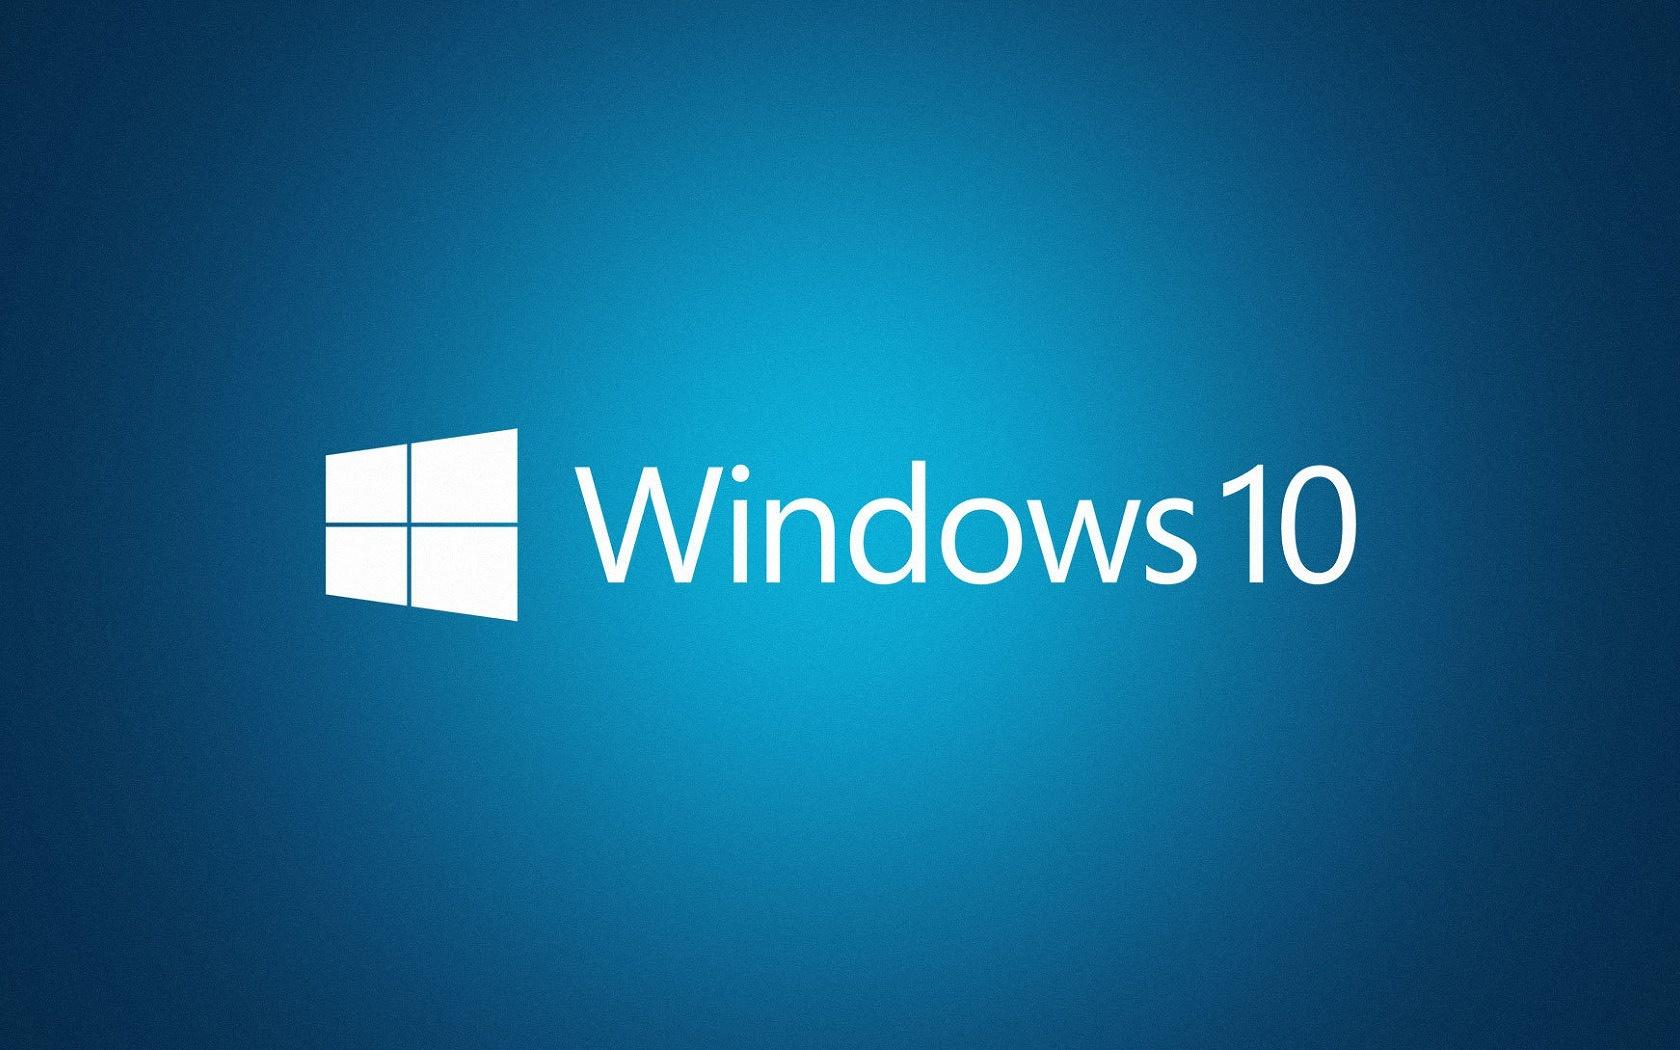 遂に 「Windows 10」 始動!(7/29リリース)_a0185081_14225822.jpg